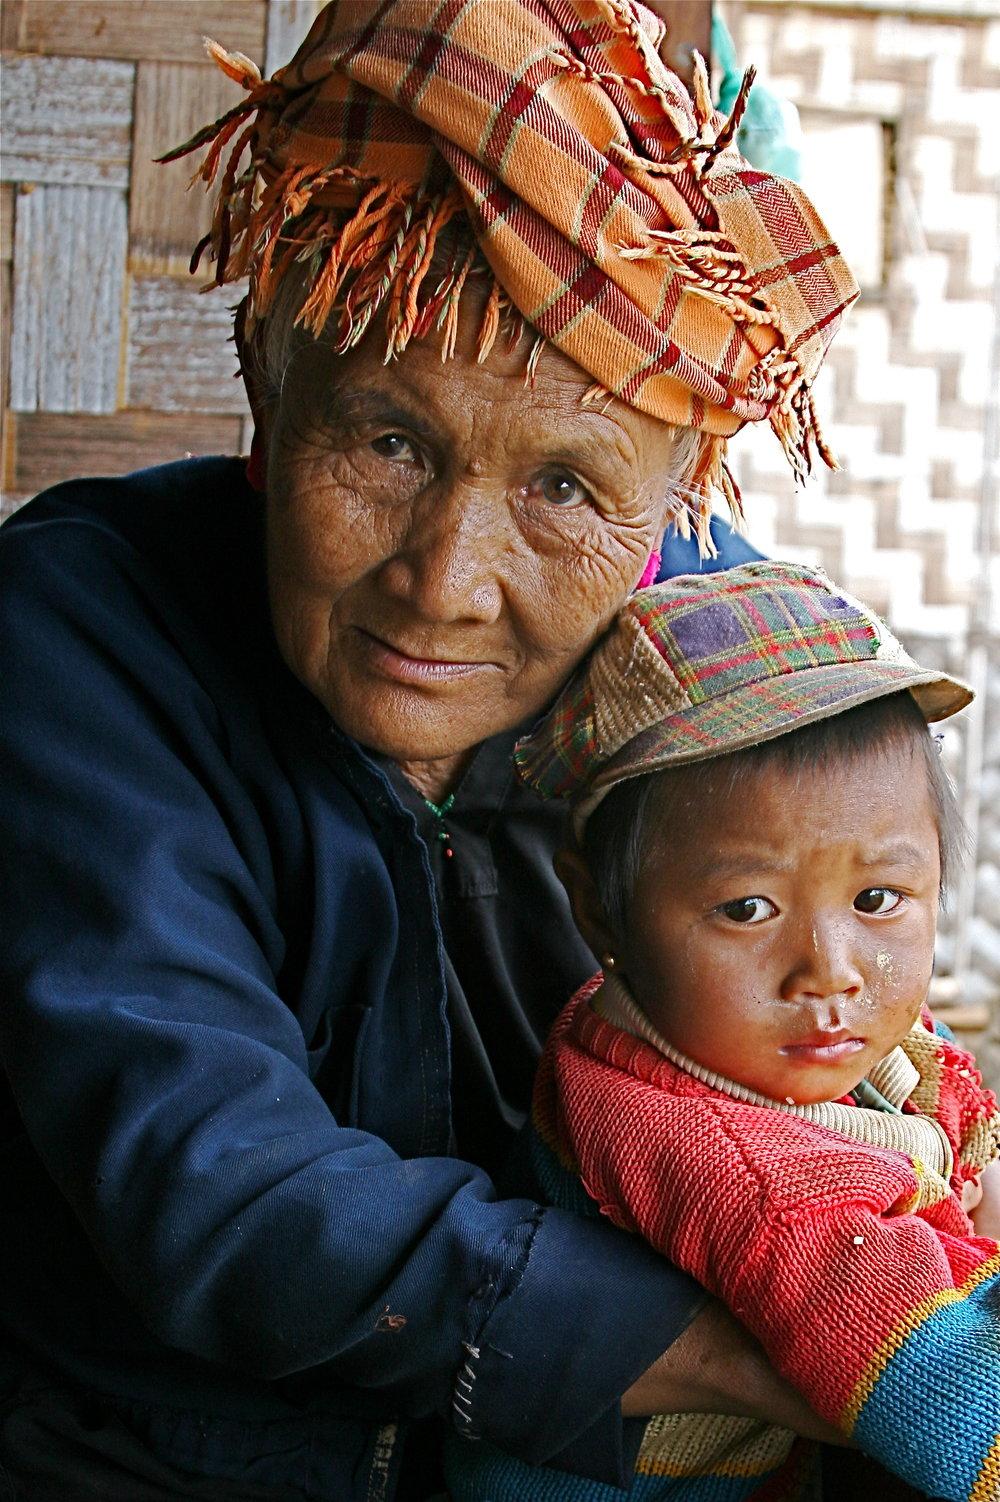 shan-woman-and-grandson-in-myanmar-travel-exploring-burma-shan-state.jpg